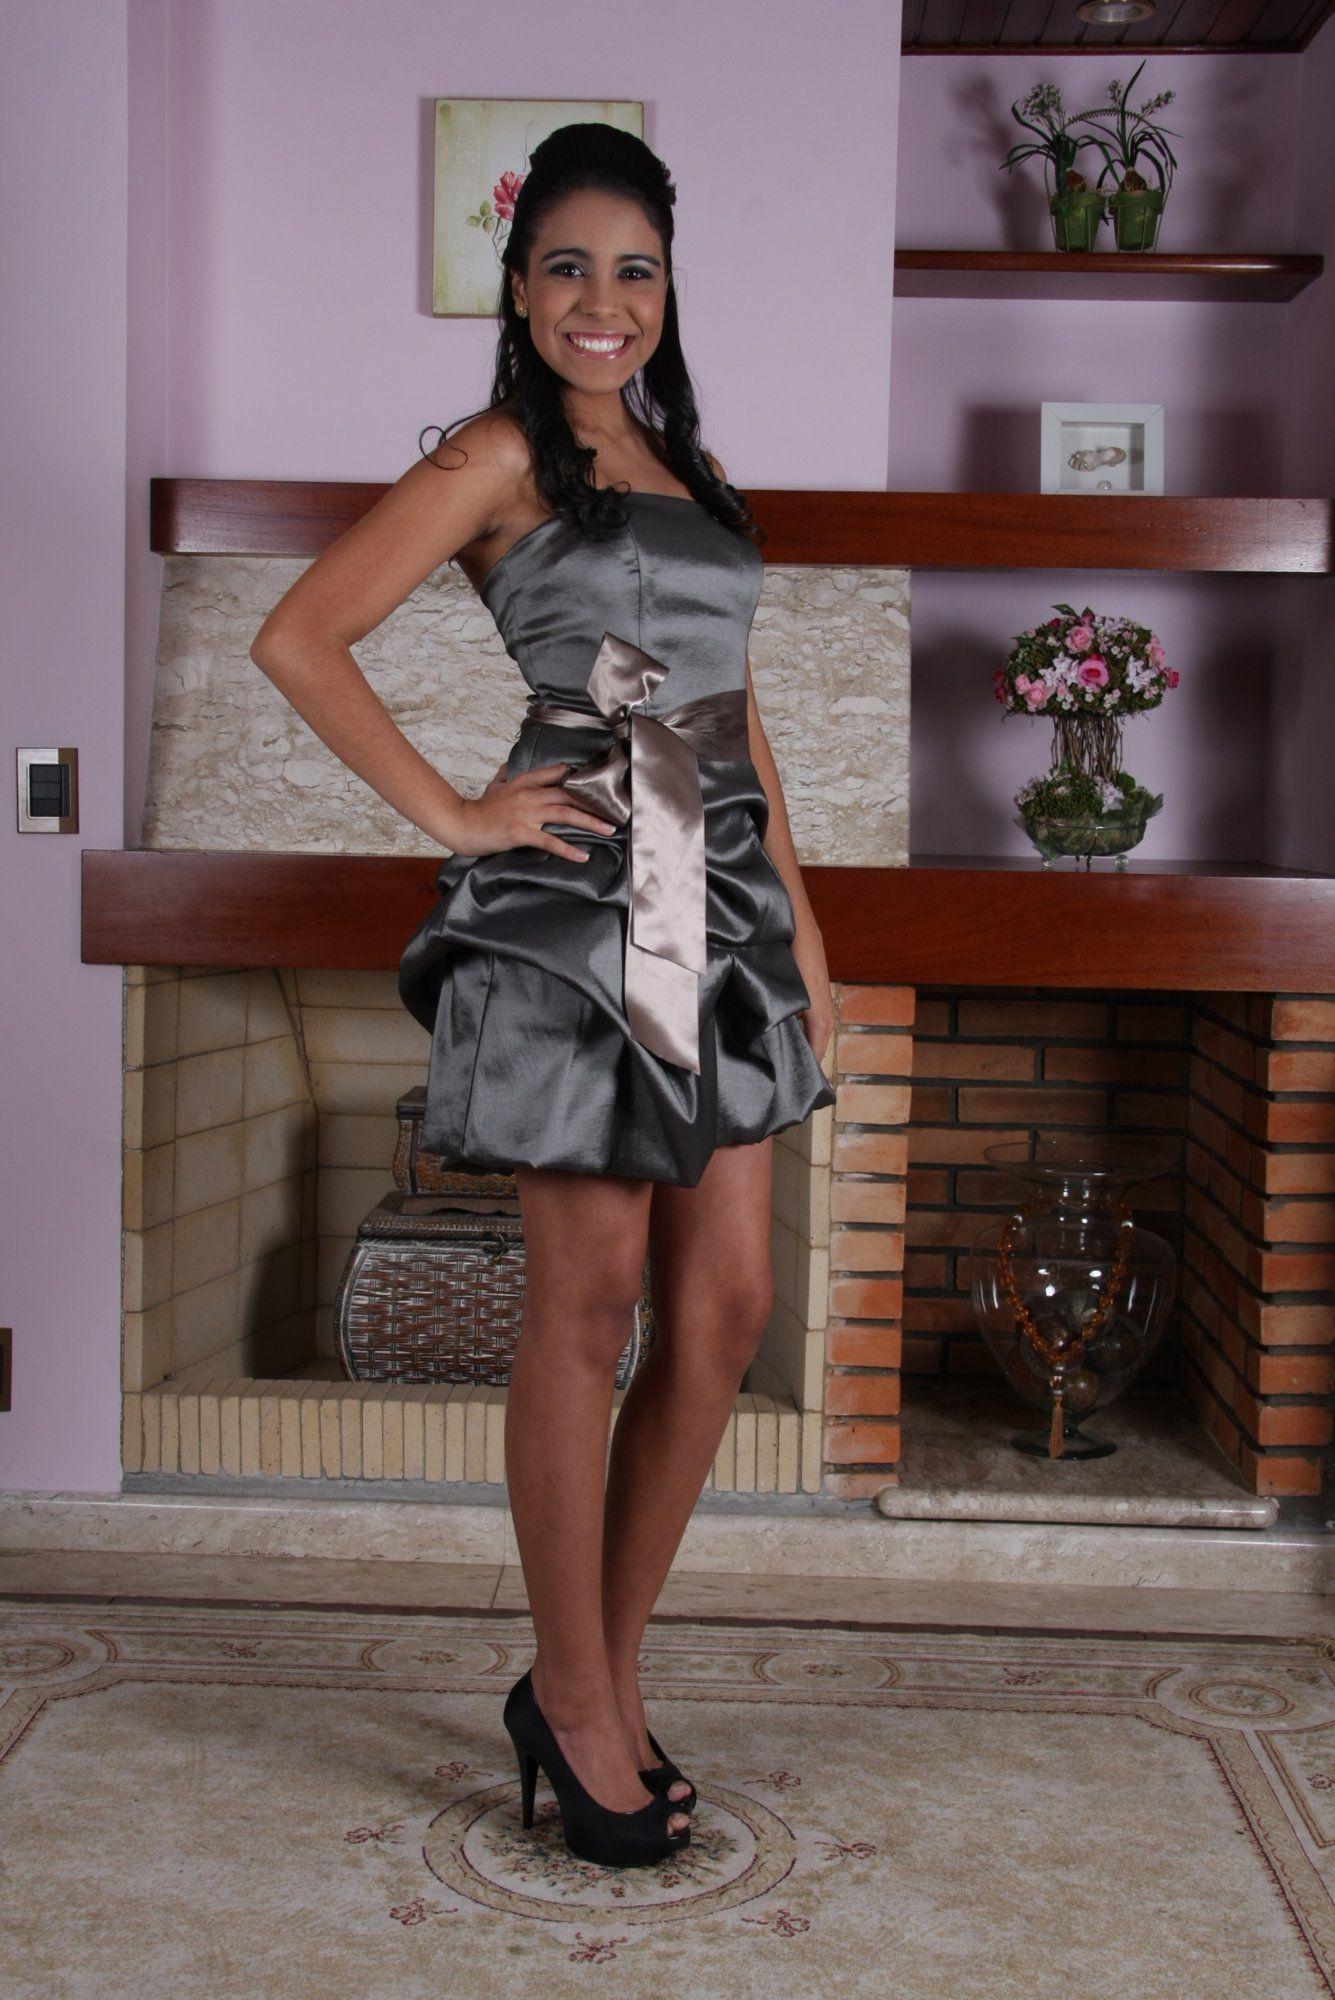 Vestido de Debutante Outros Modelos - 3 - Hipnose Alta Costura e Spa para Noivas e Noivos - Campinas - SP Vestido de Debutante, Vestido de Debutante Outros Modelos, Hipnose Alta Costura